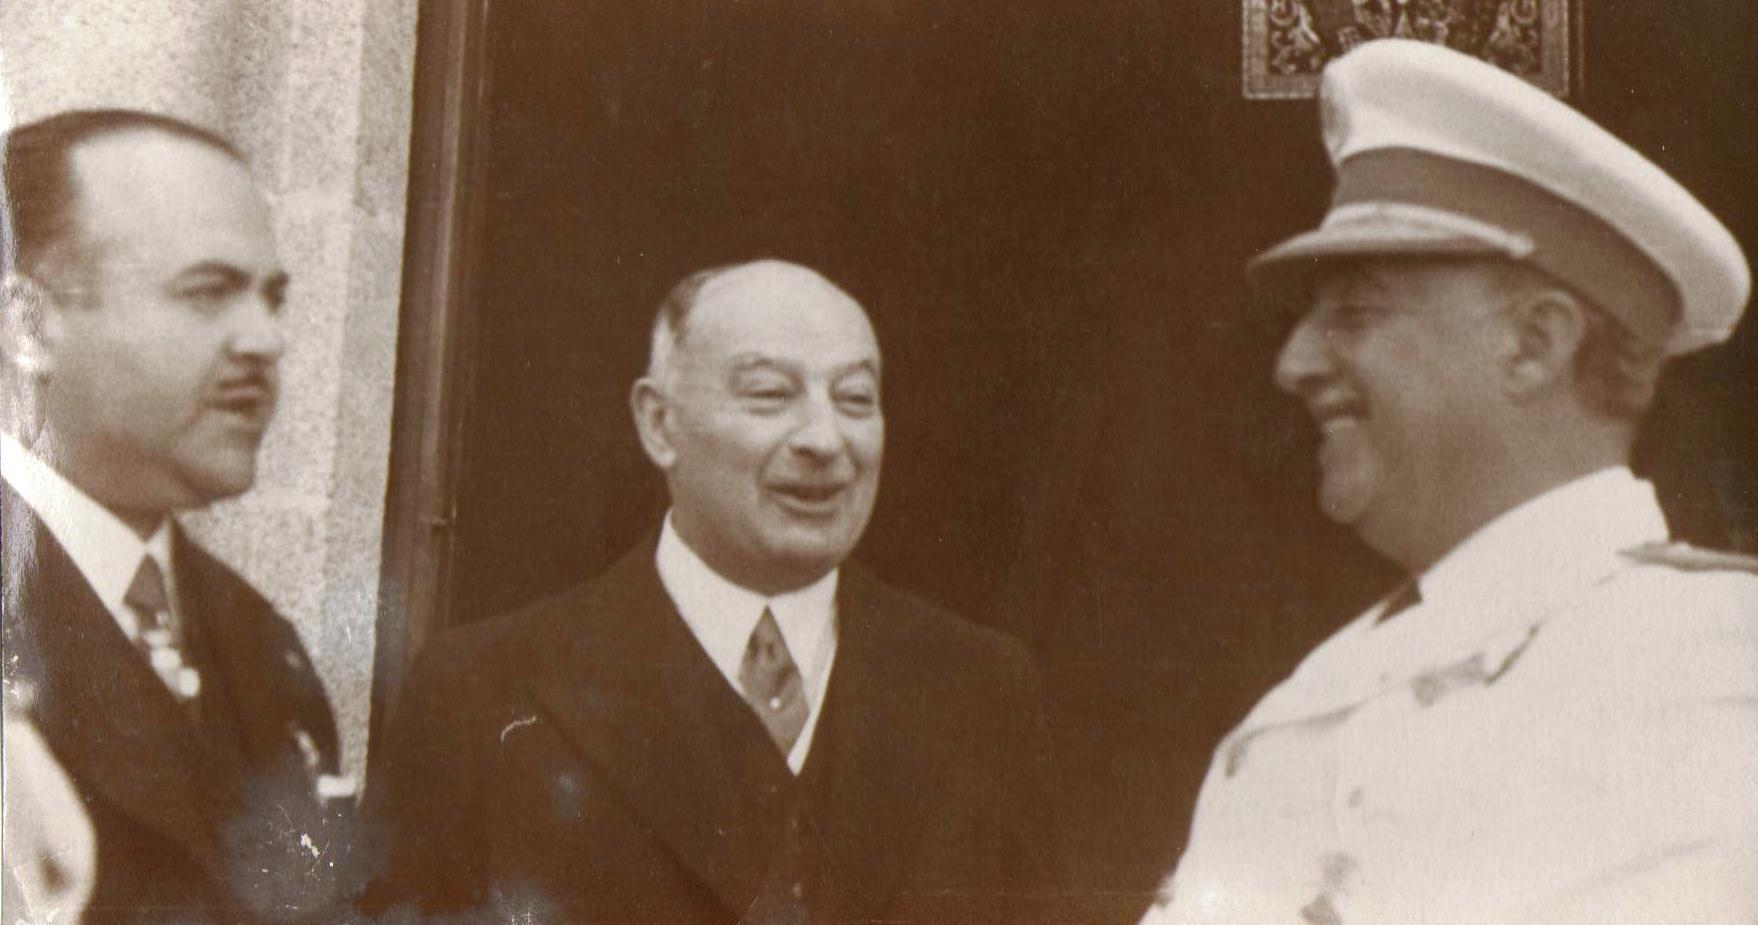 El alcalde de A Coruña Alfonso Molina con Pedro Barrié de la Maza y Franco. (Fotografía inédita. Archivo:A.P.)